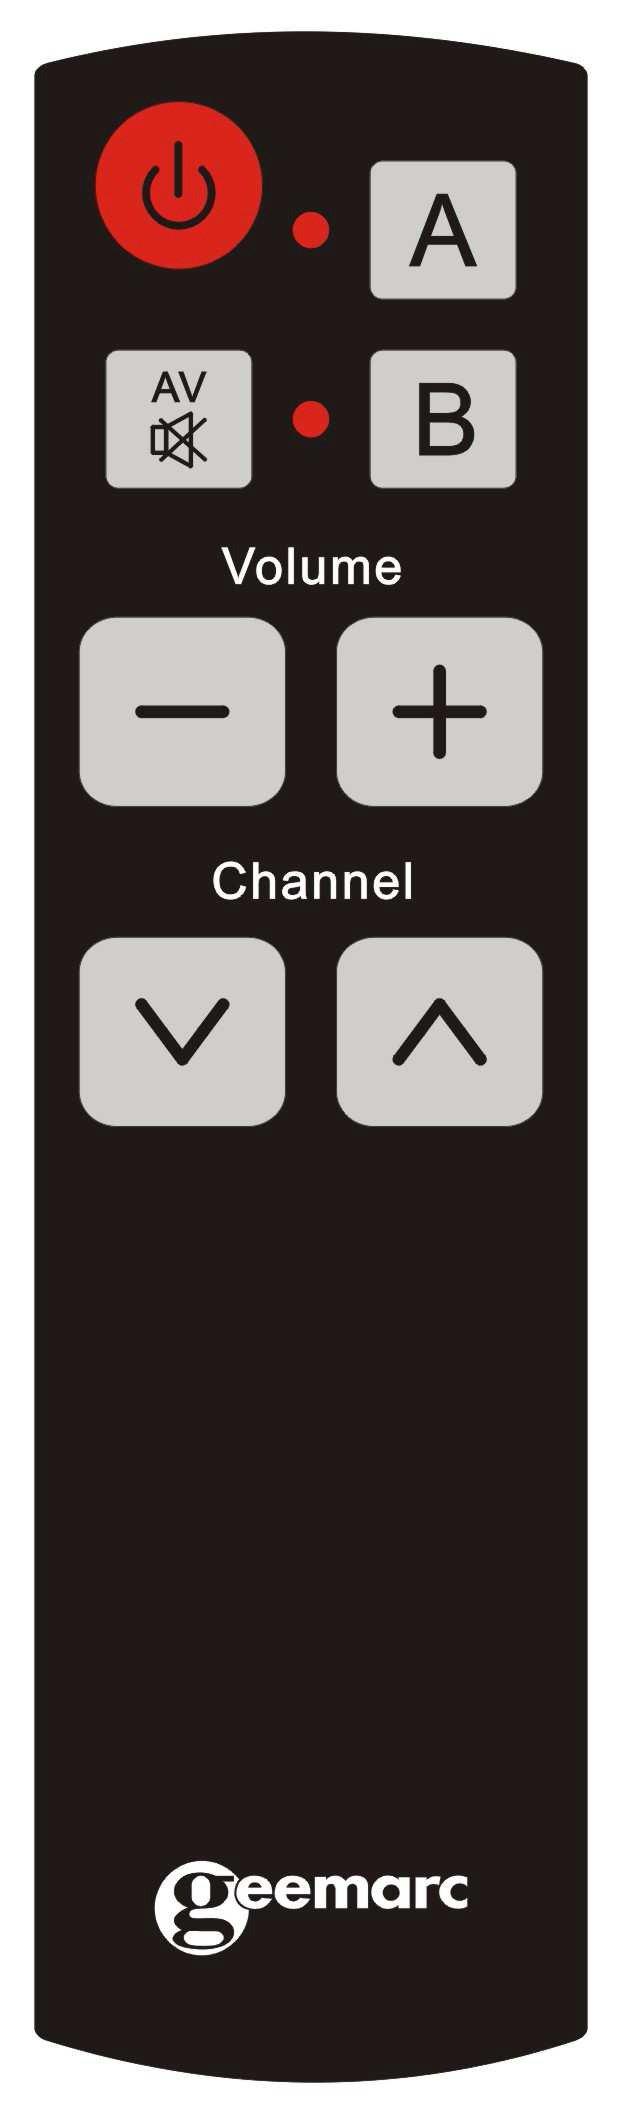 Geemarc Easy TV5 - Mando a Distancia Universal (8 Teclas, programable para Personas con deficiencias visuales), Color Negro: Amazon.es: Electrónica